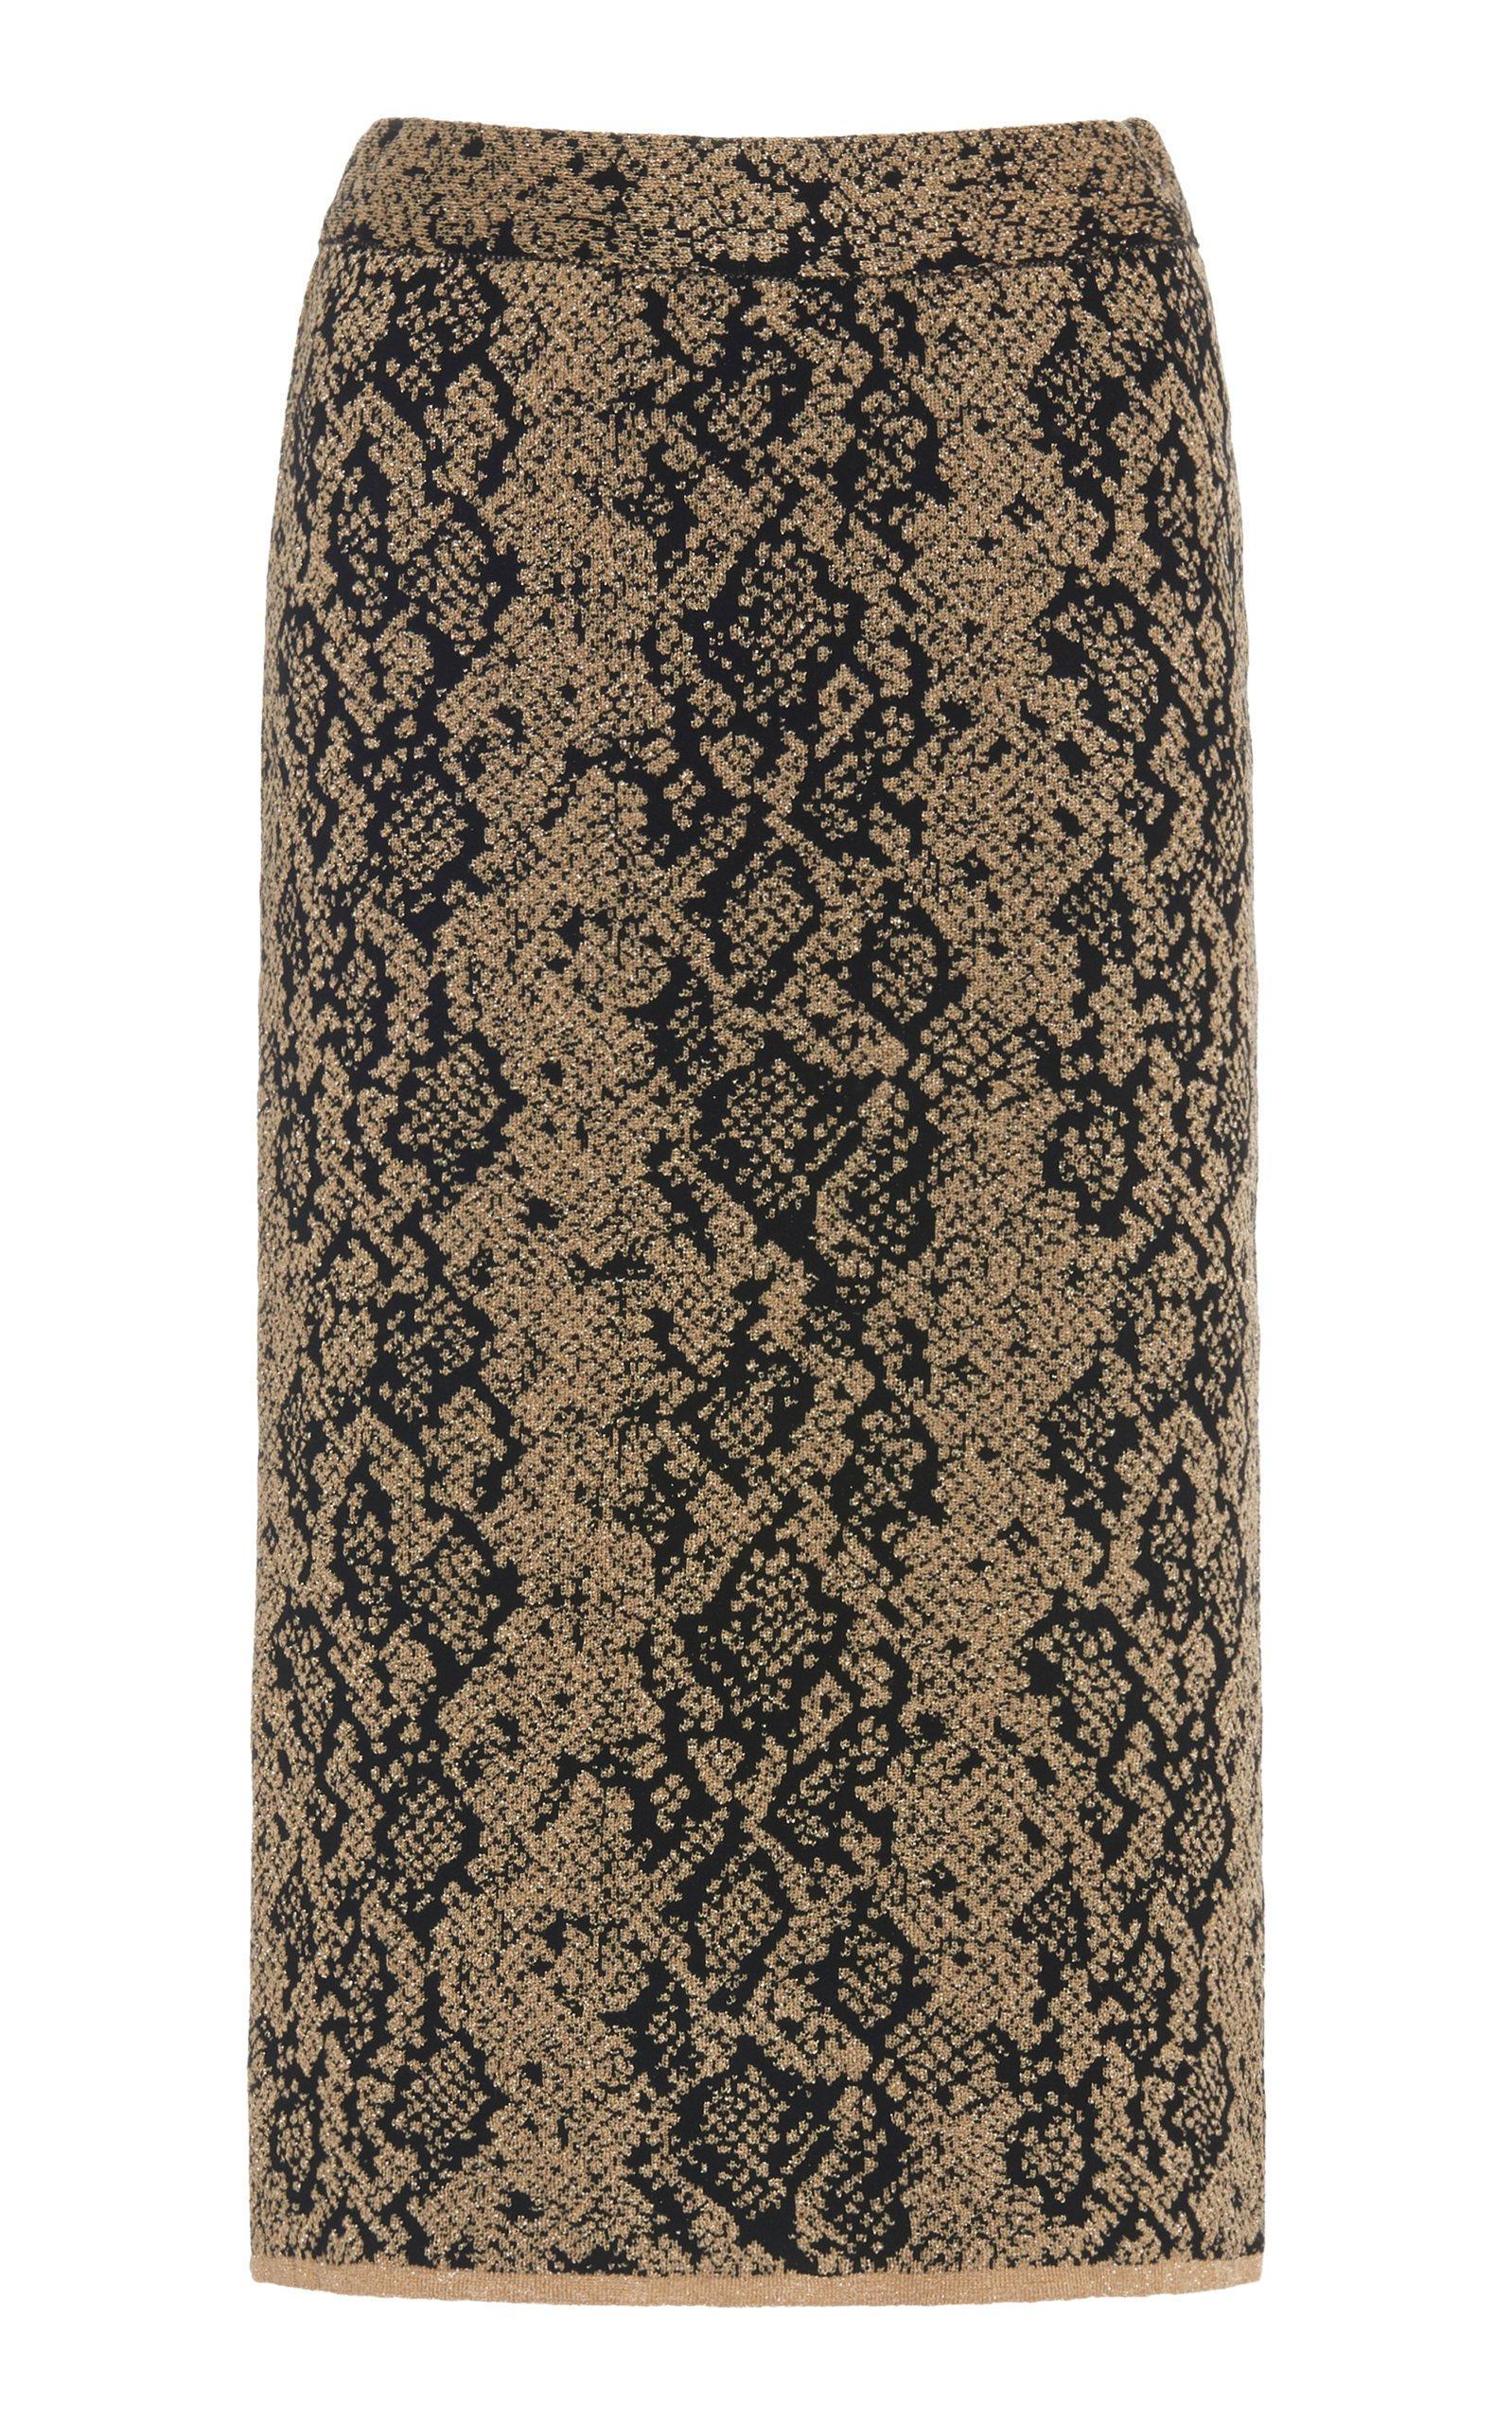 Dundas Printed Jersey Pencil Skirt Size: 46